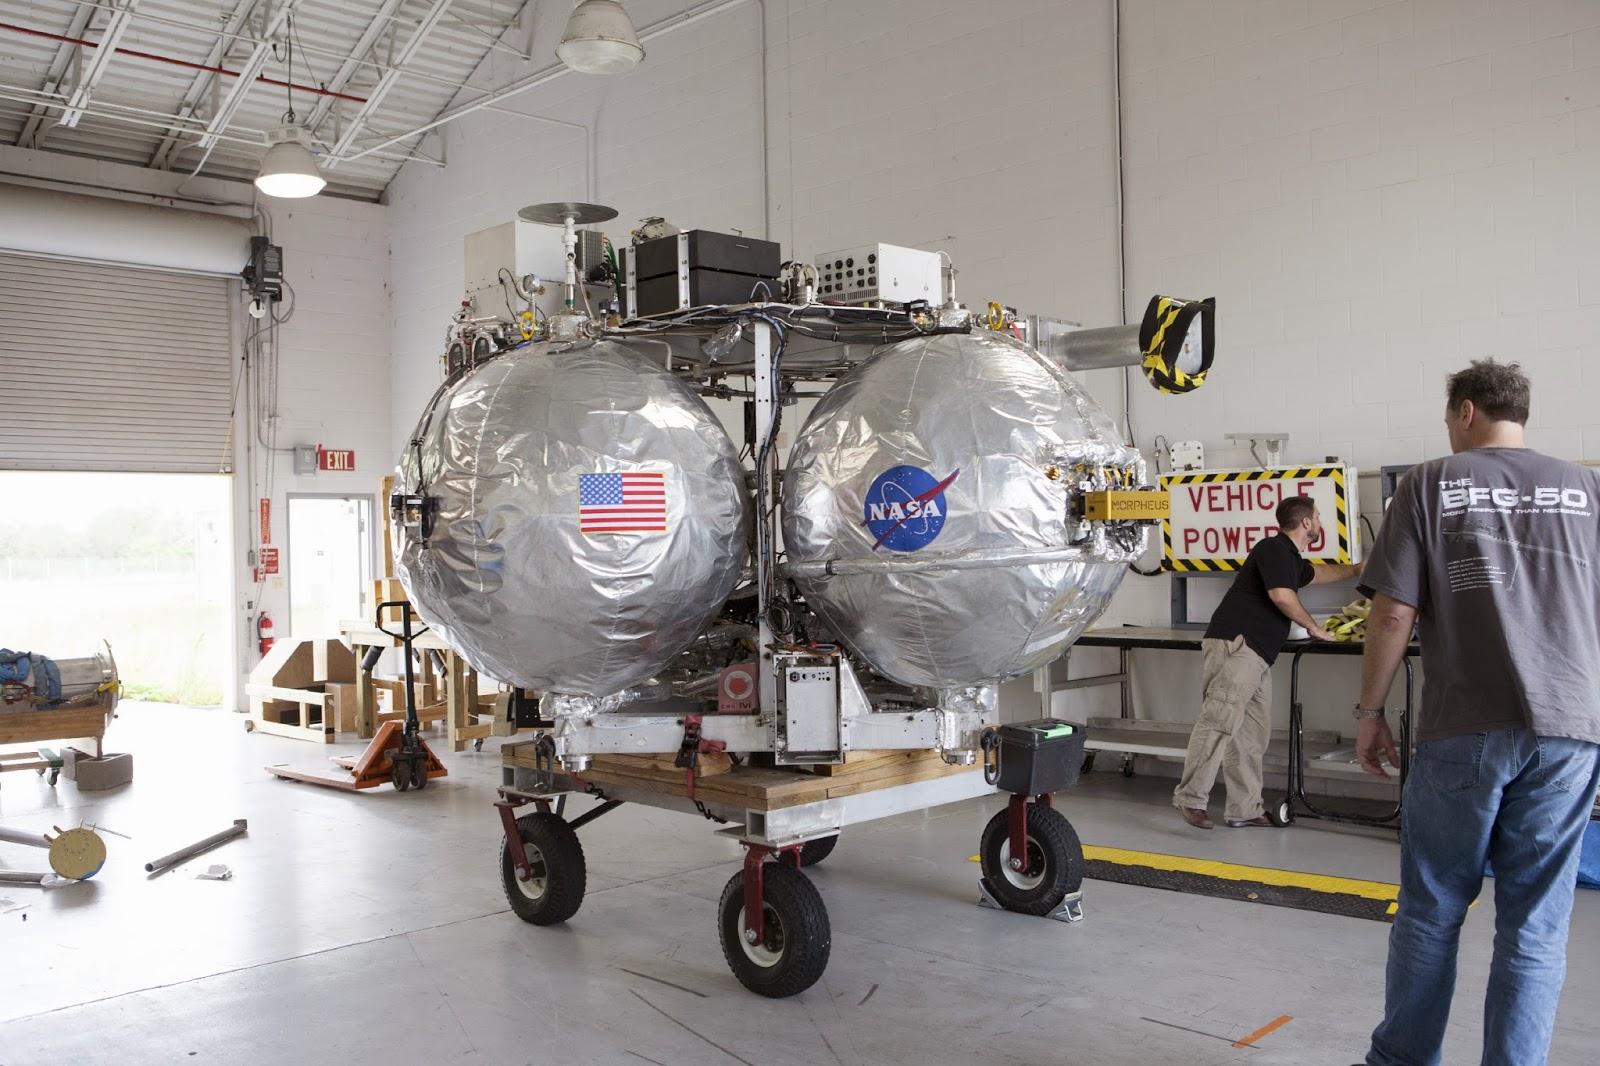 Progetto Morfeo, NASA: il veicolo spaziale costruito su marte